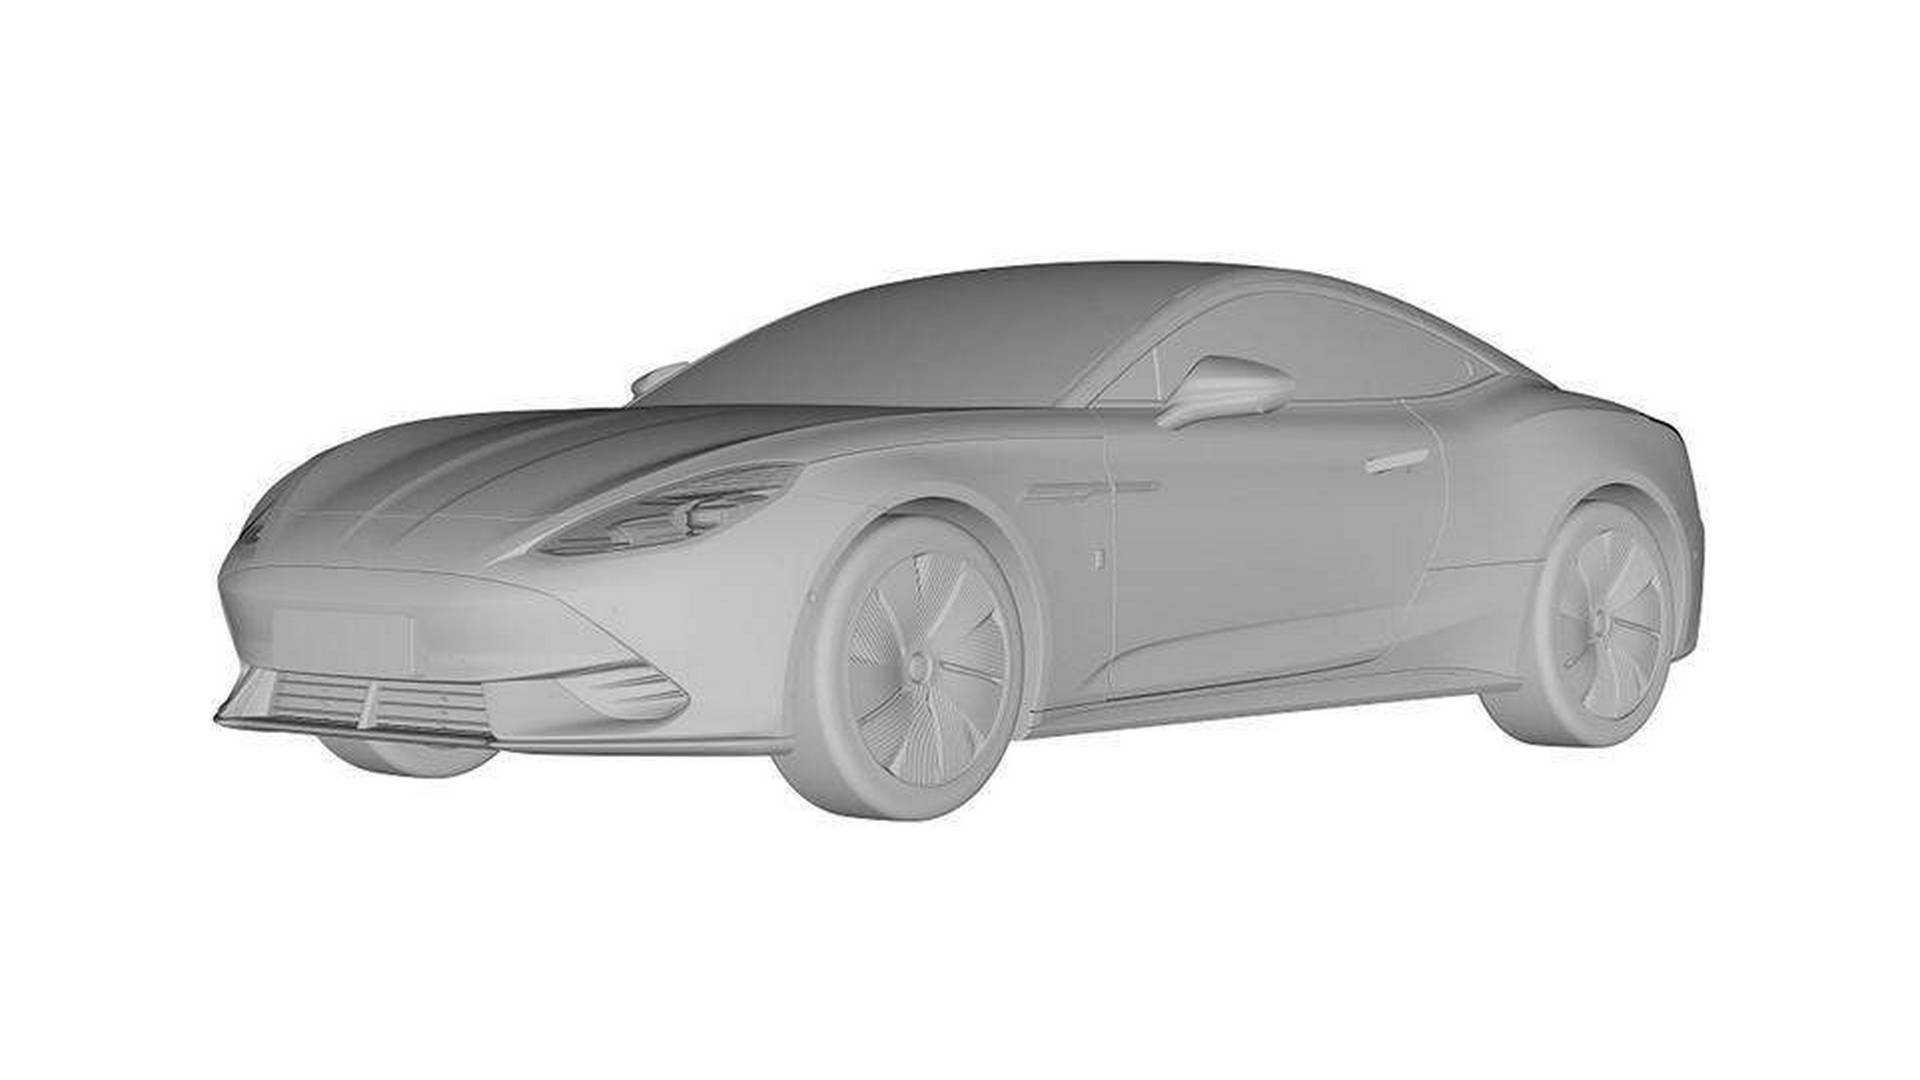 MG E-Motion имеет свою производственную версию, раскрытую патентными изображениями